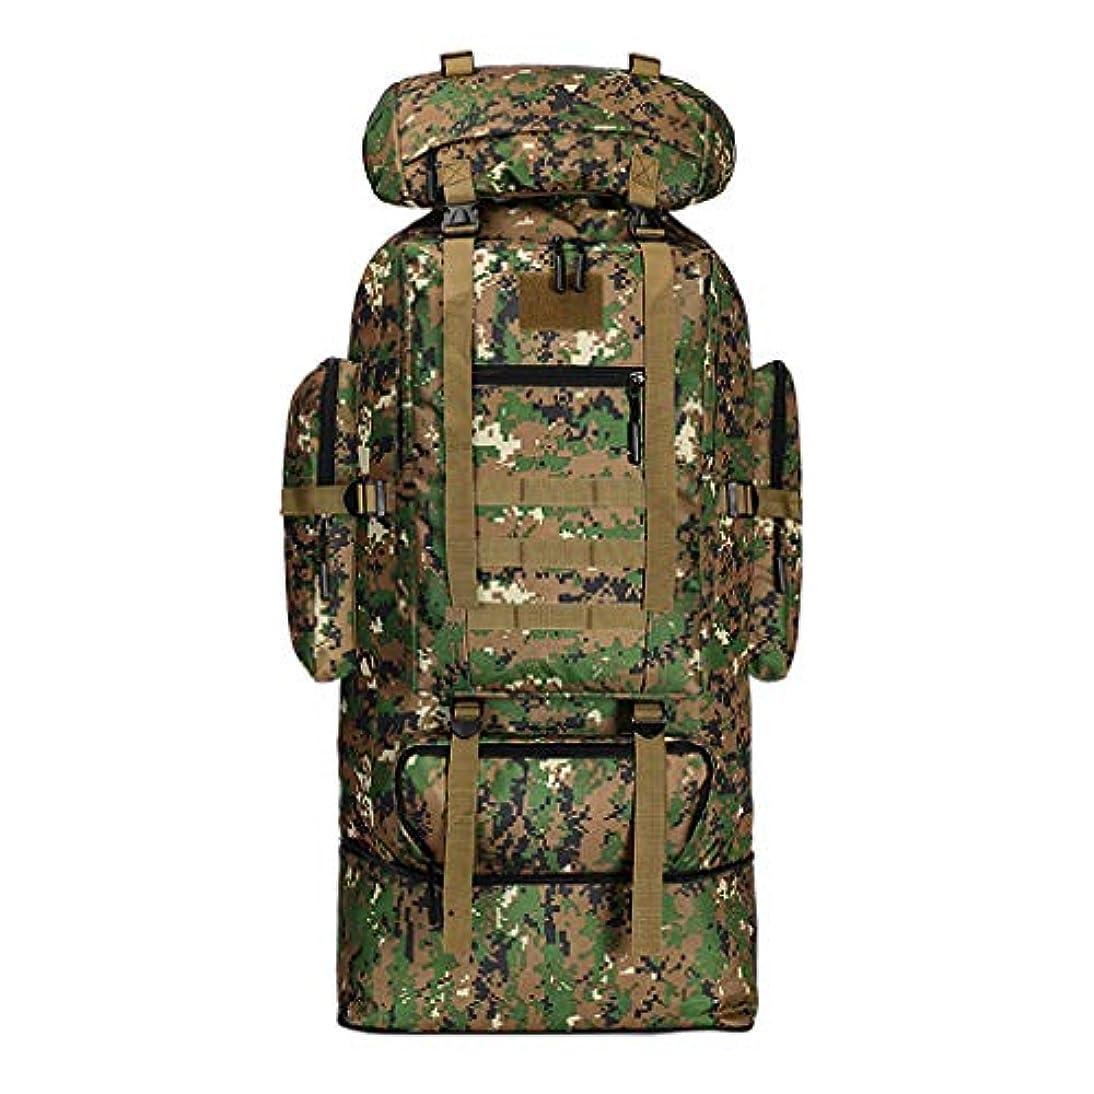 ウサギ復活する入場大容量100Lバックパック迷彩印刷屋外バッグ旅行登山バッグ収納防水おしゃれバックパック人気バックパック大容量 人気バックパック